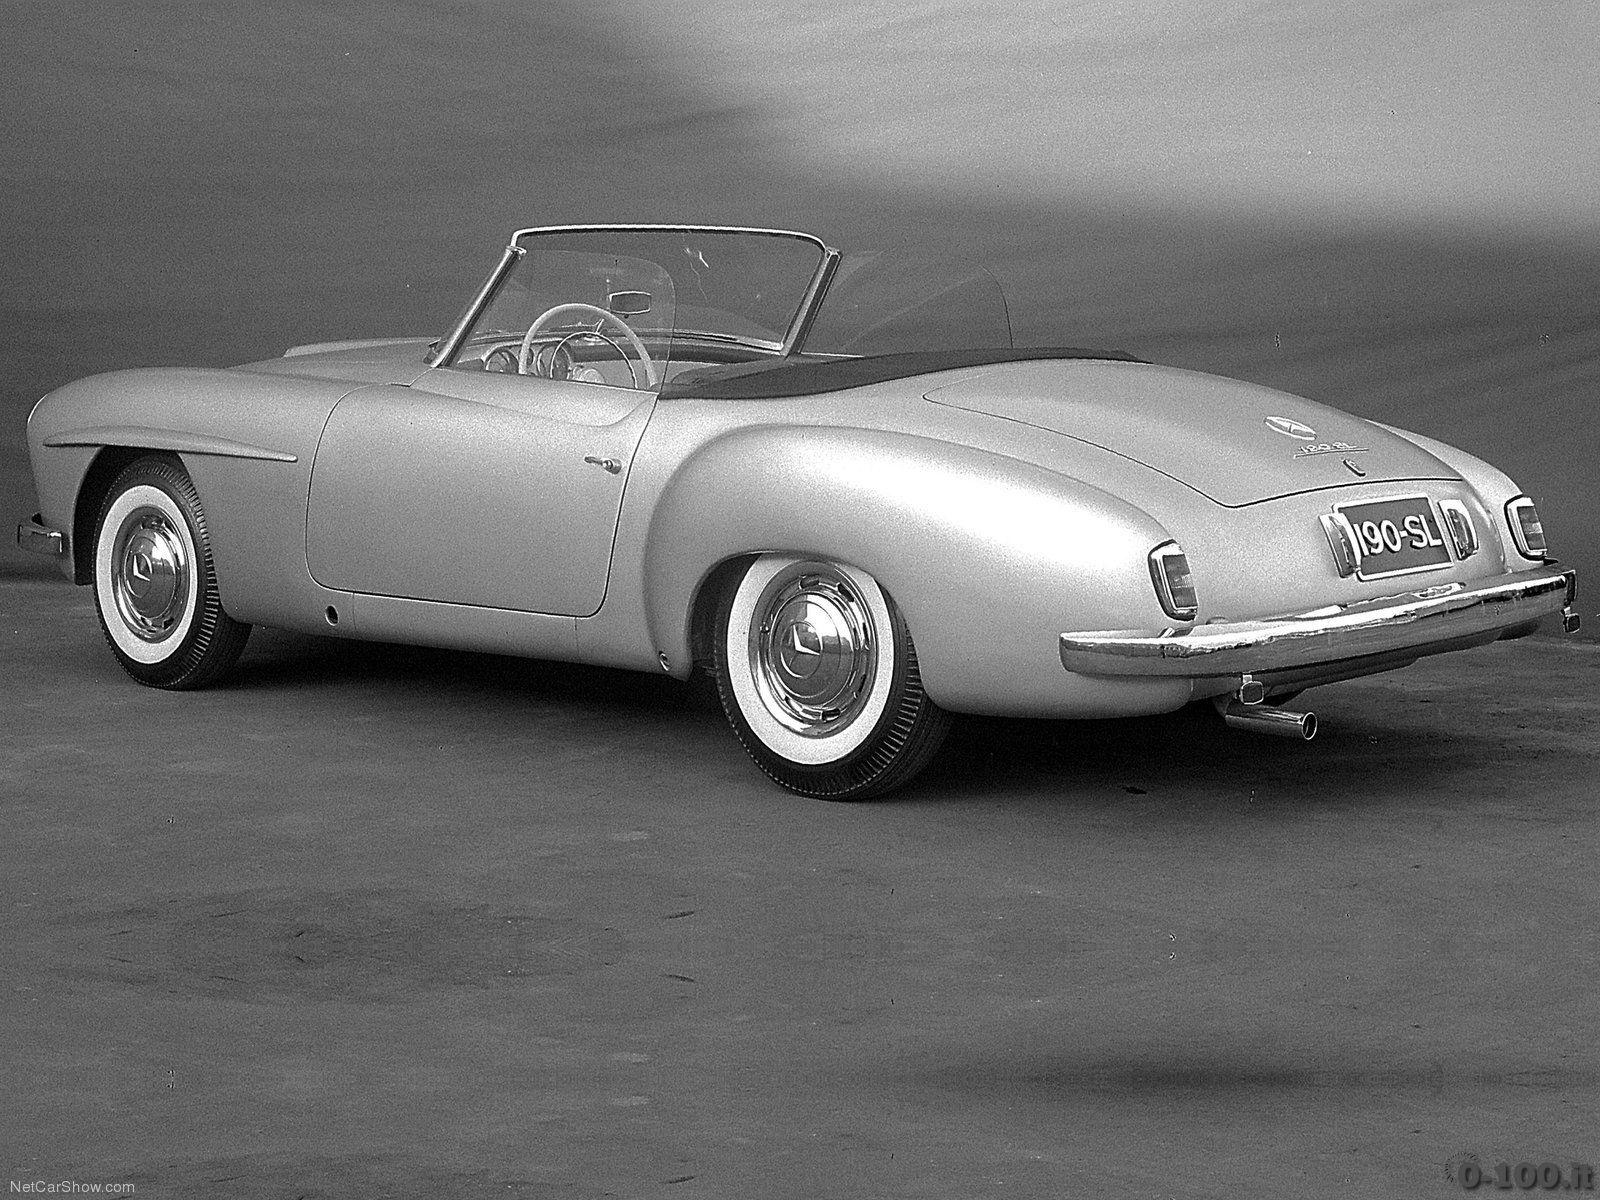 mercedes-190-sl-1955-1963-prezzo-price_0-100-6